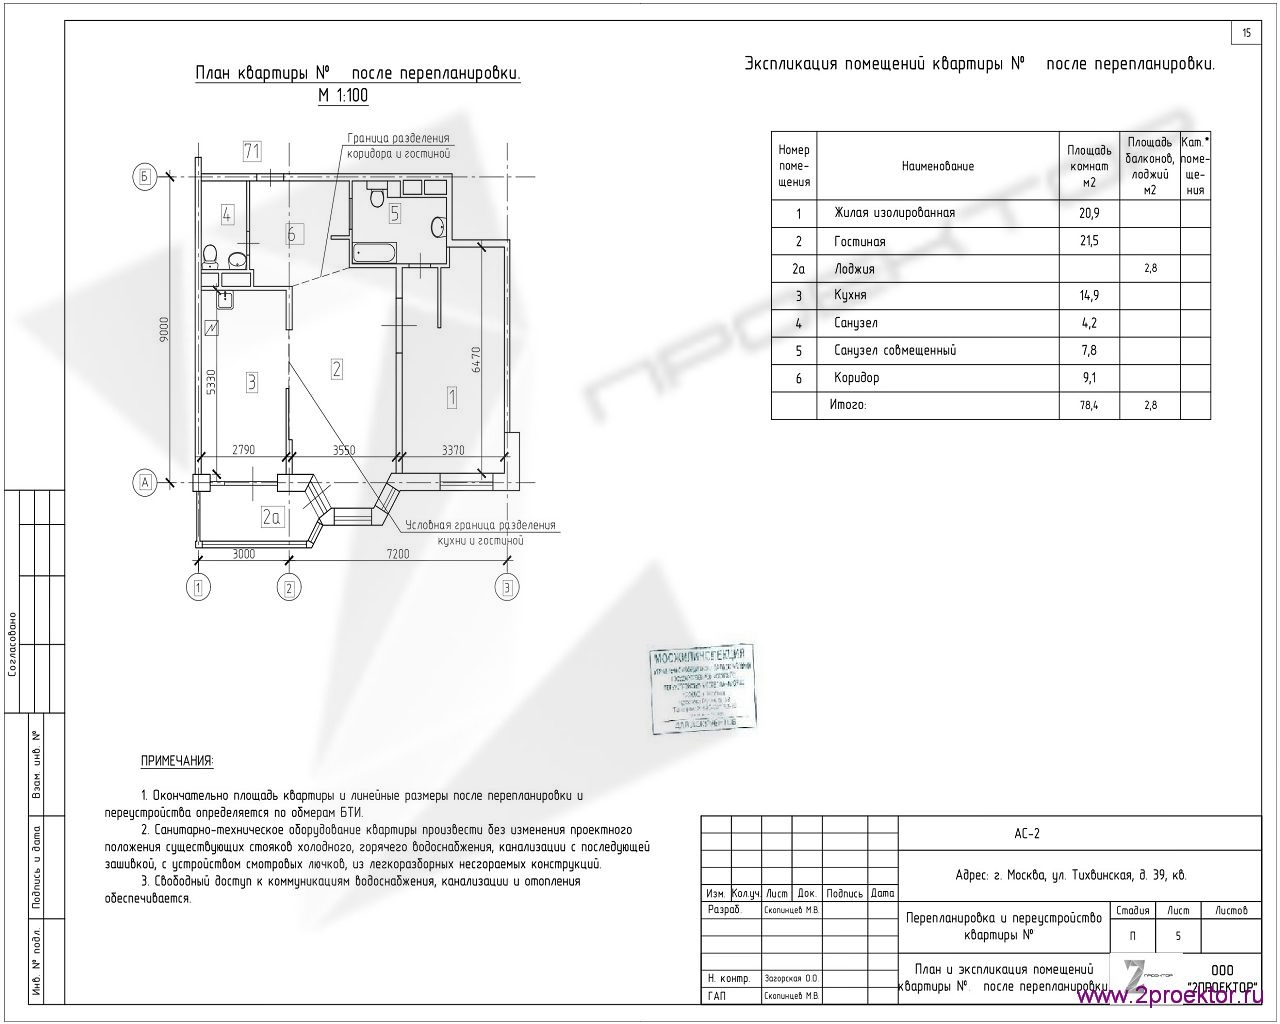 Вариант планировки квартиры в Жилом комплексе Тихвинская усадьба, разработанный специалистами ООО «2Проектор» и согласованный Мосжилинспекцией.